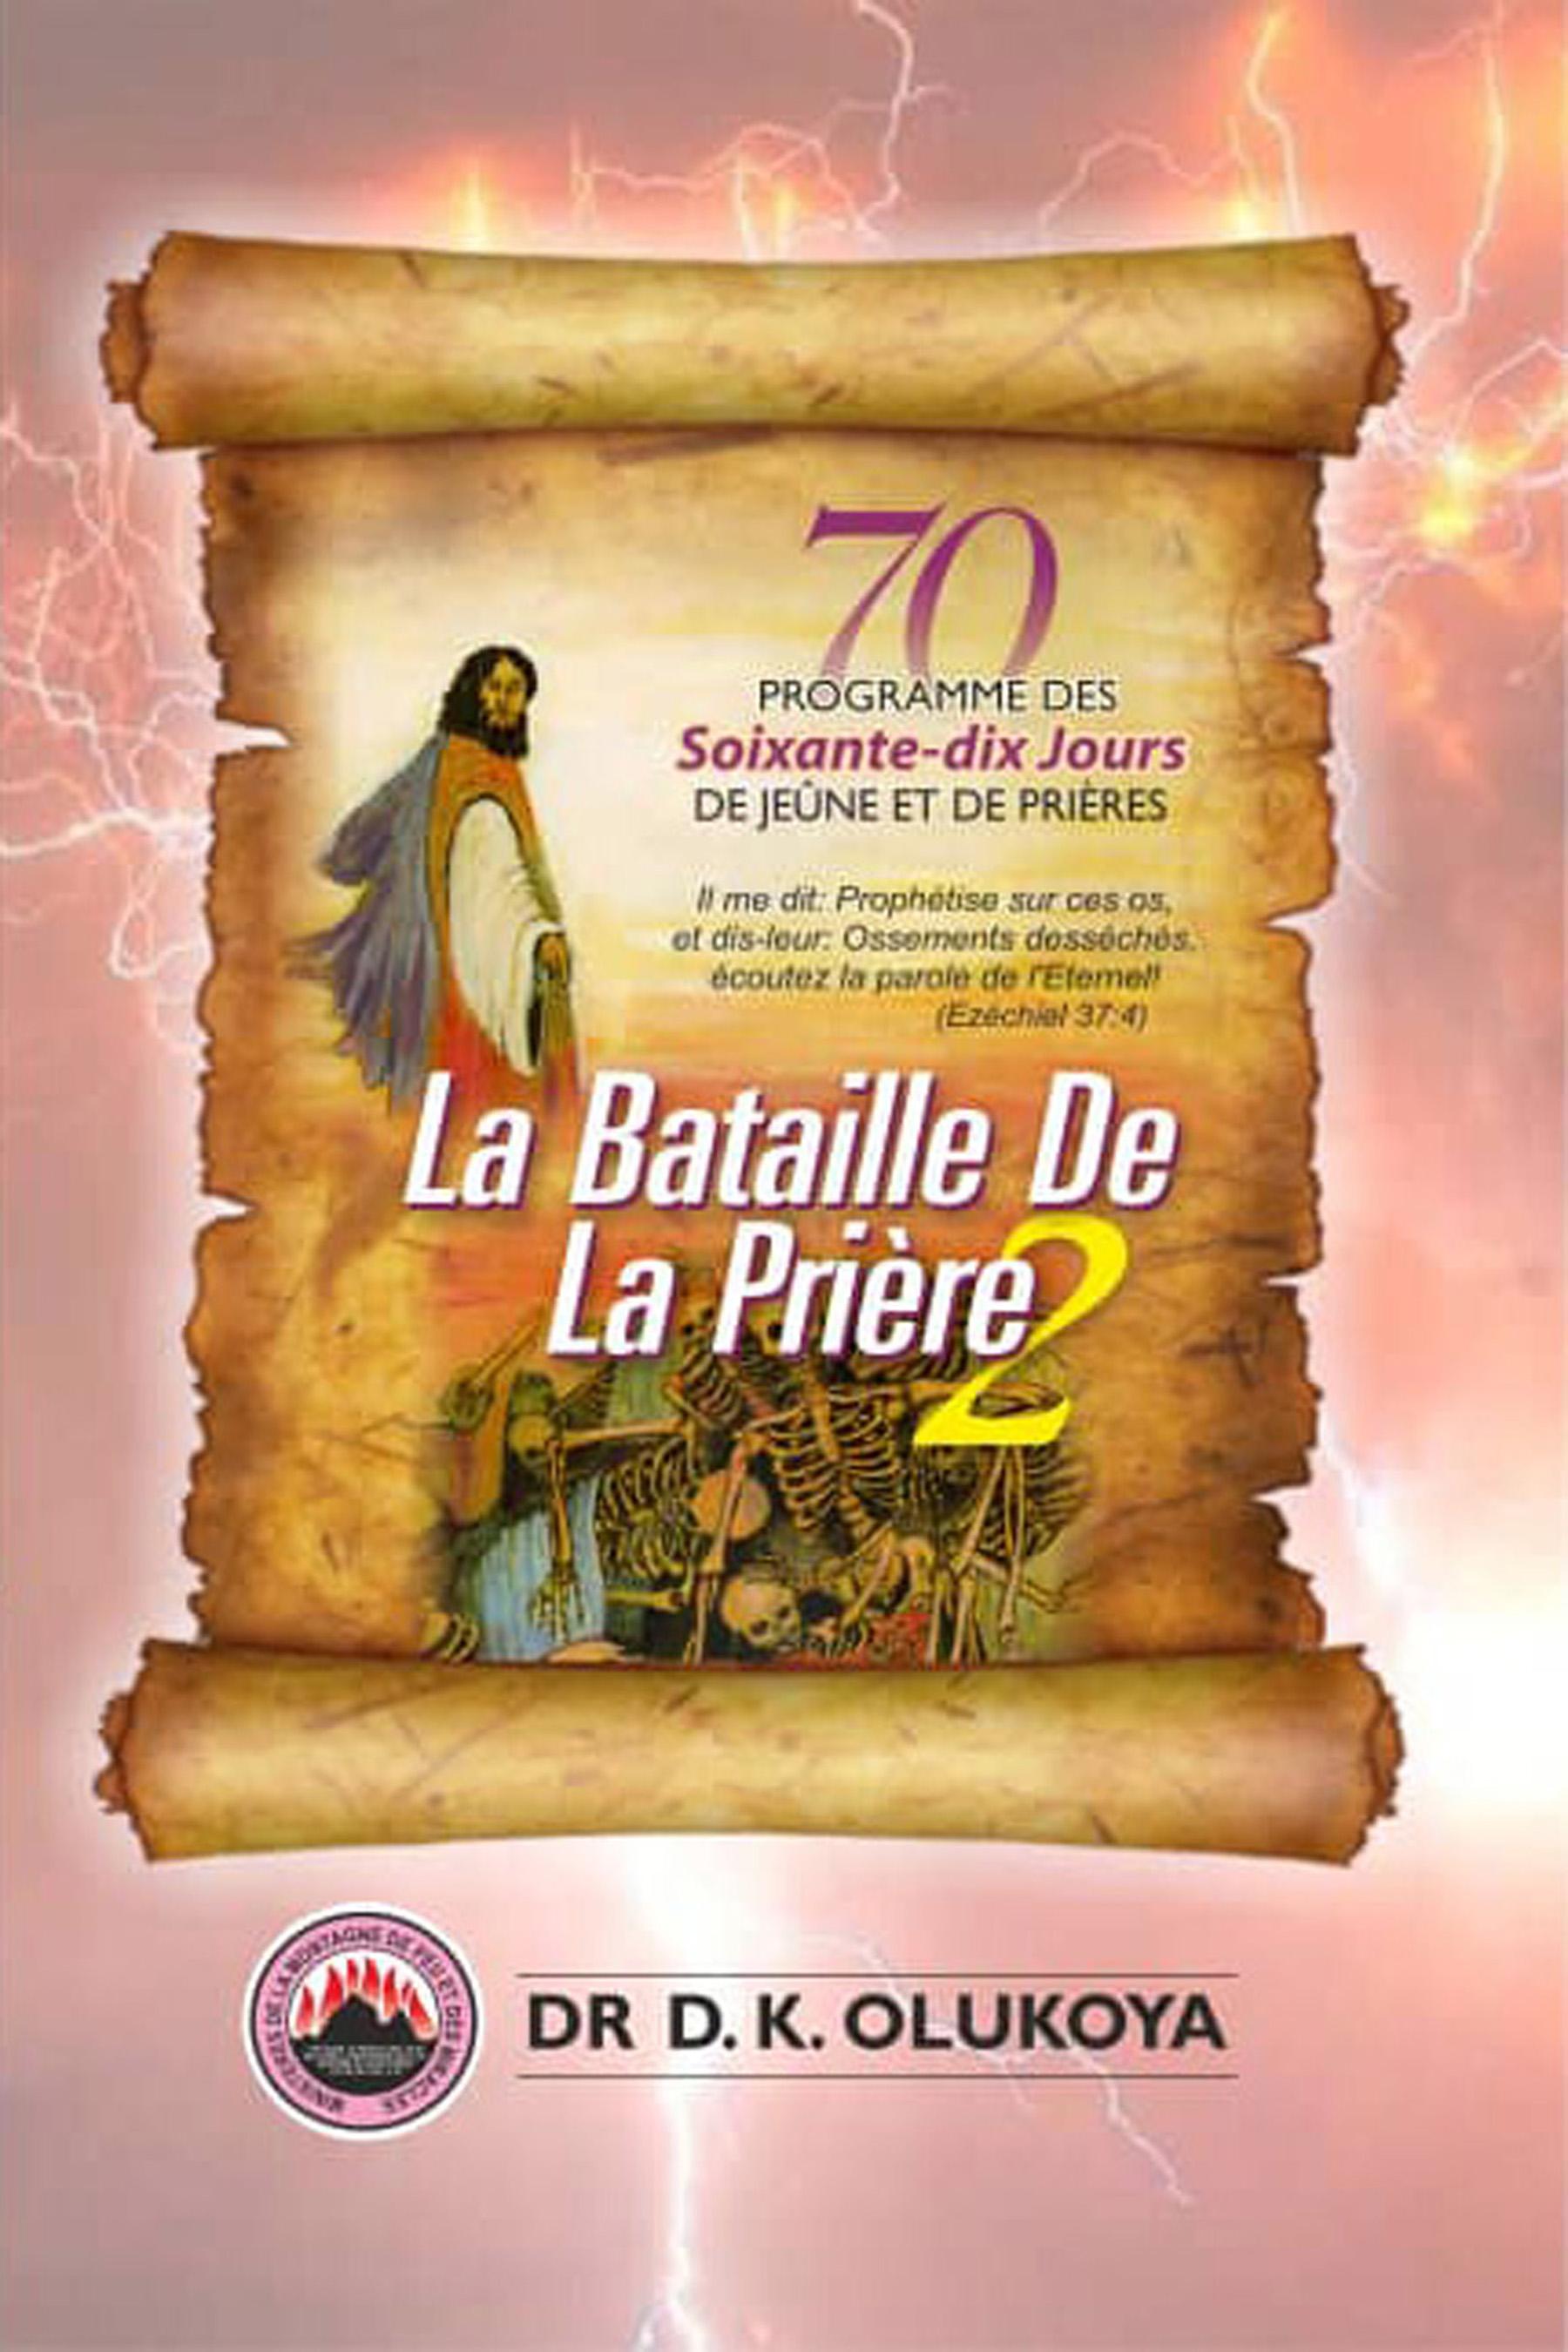 70 Jours Programme des de Jeûne et de Prières 2021: La Bataille De La Prière 2